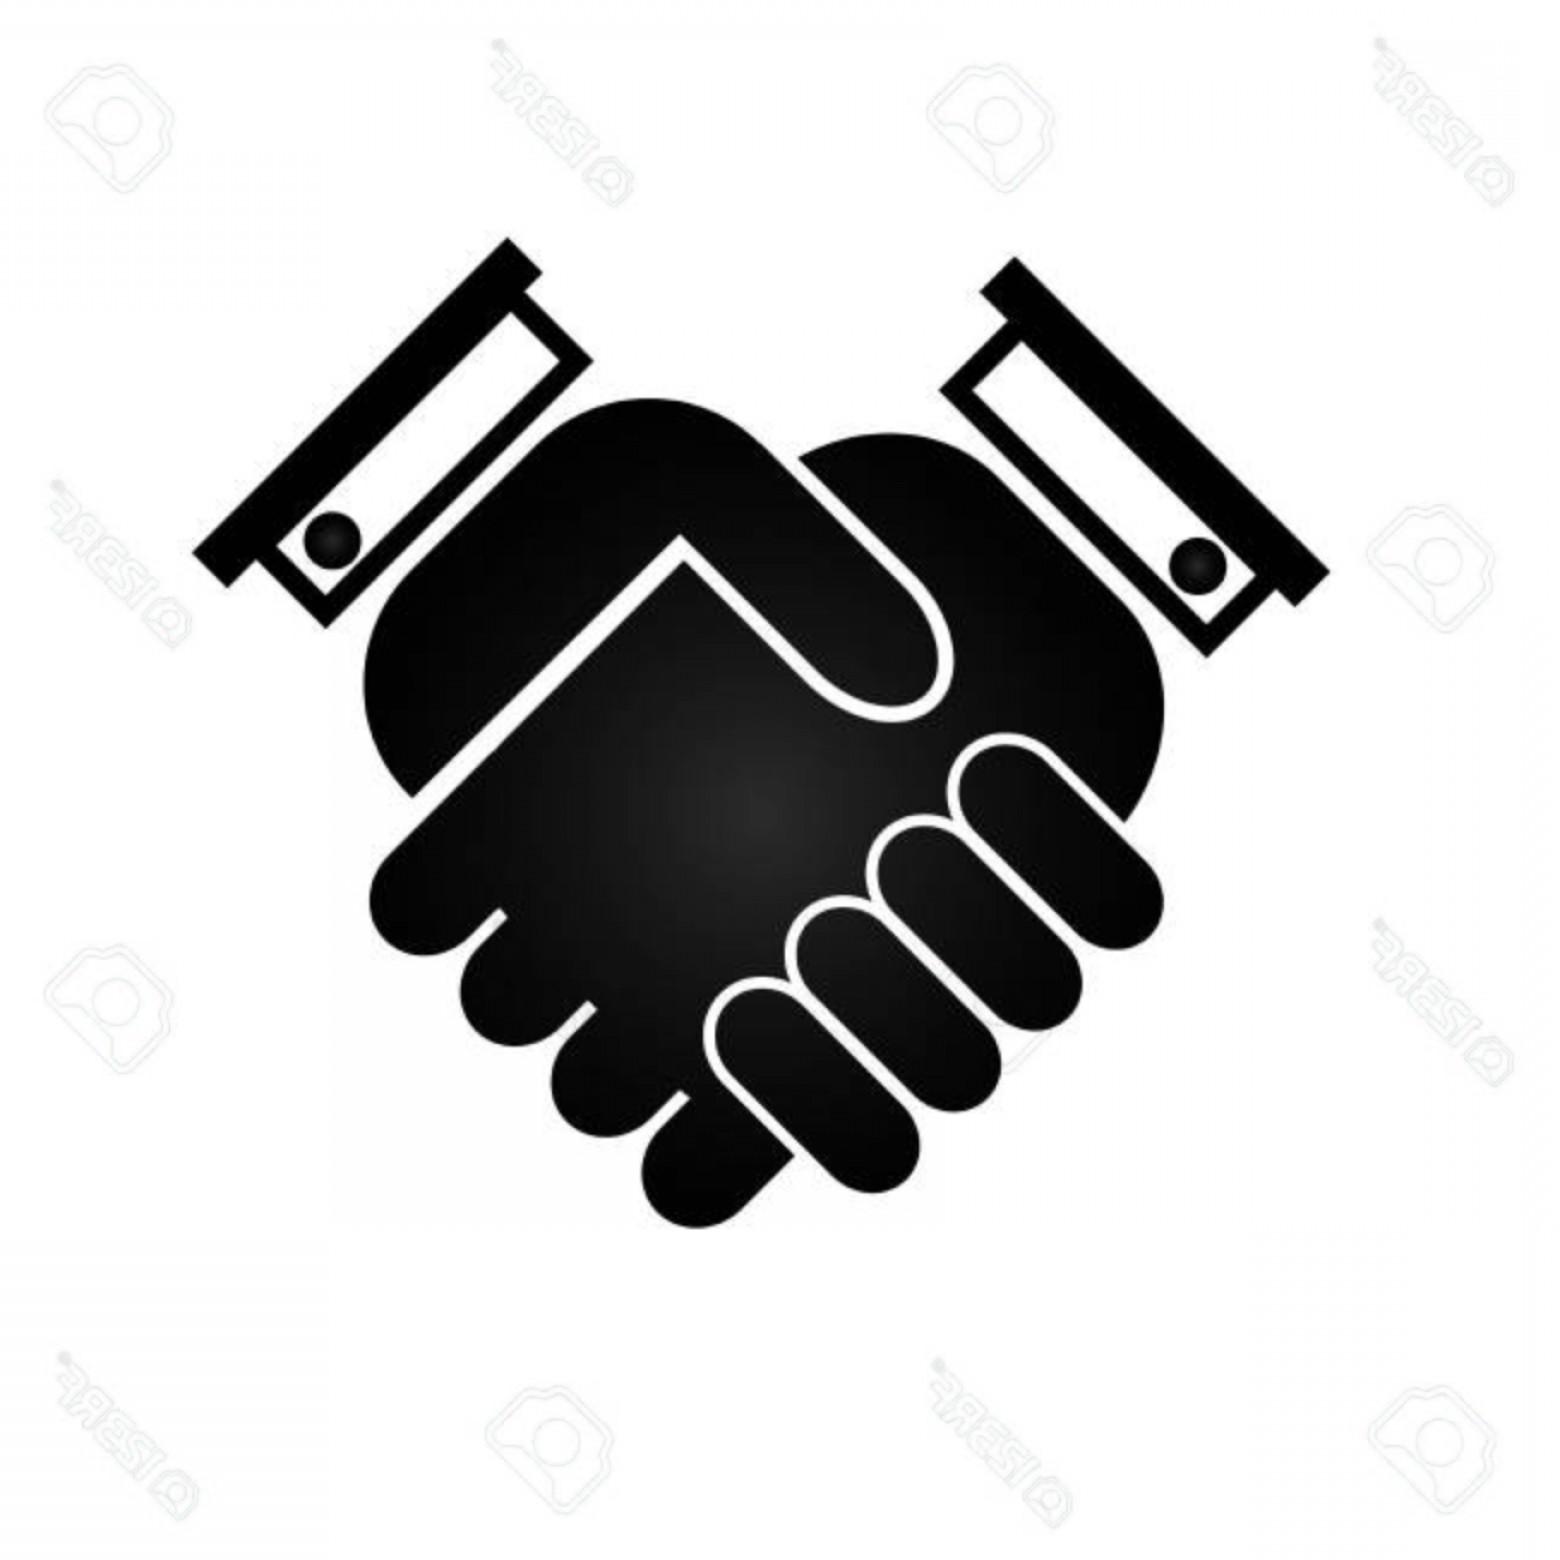 1560x1560 Handshake White Vector Arenawp